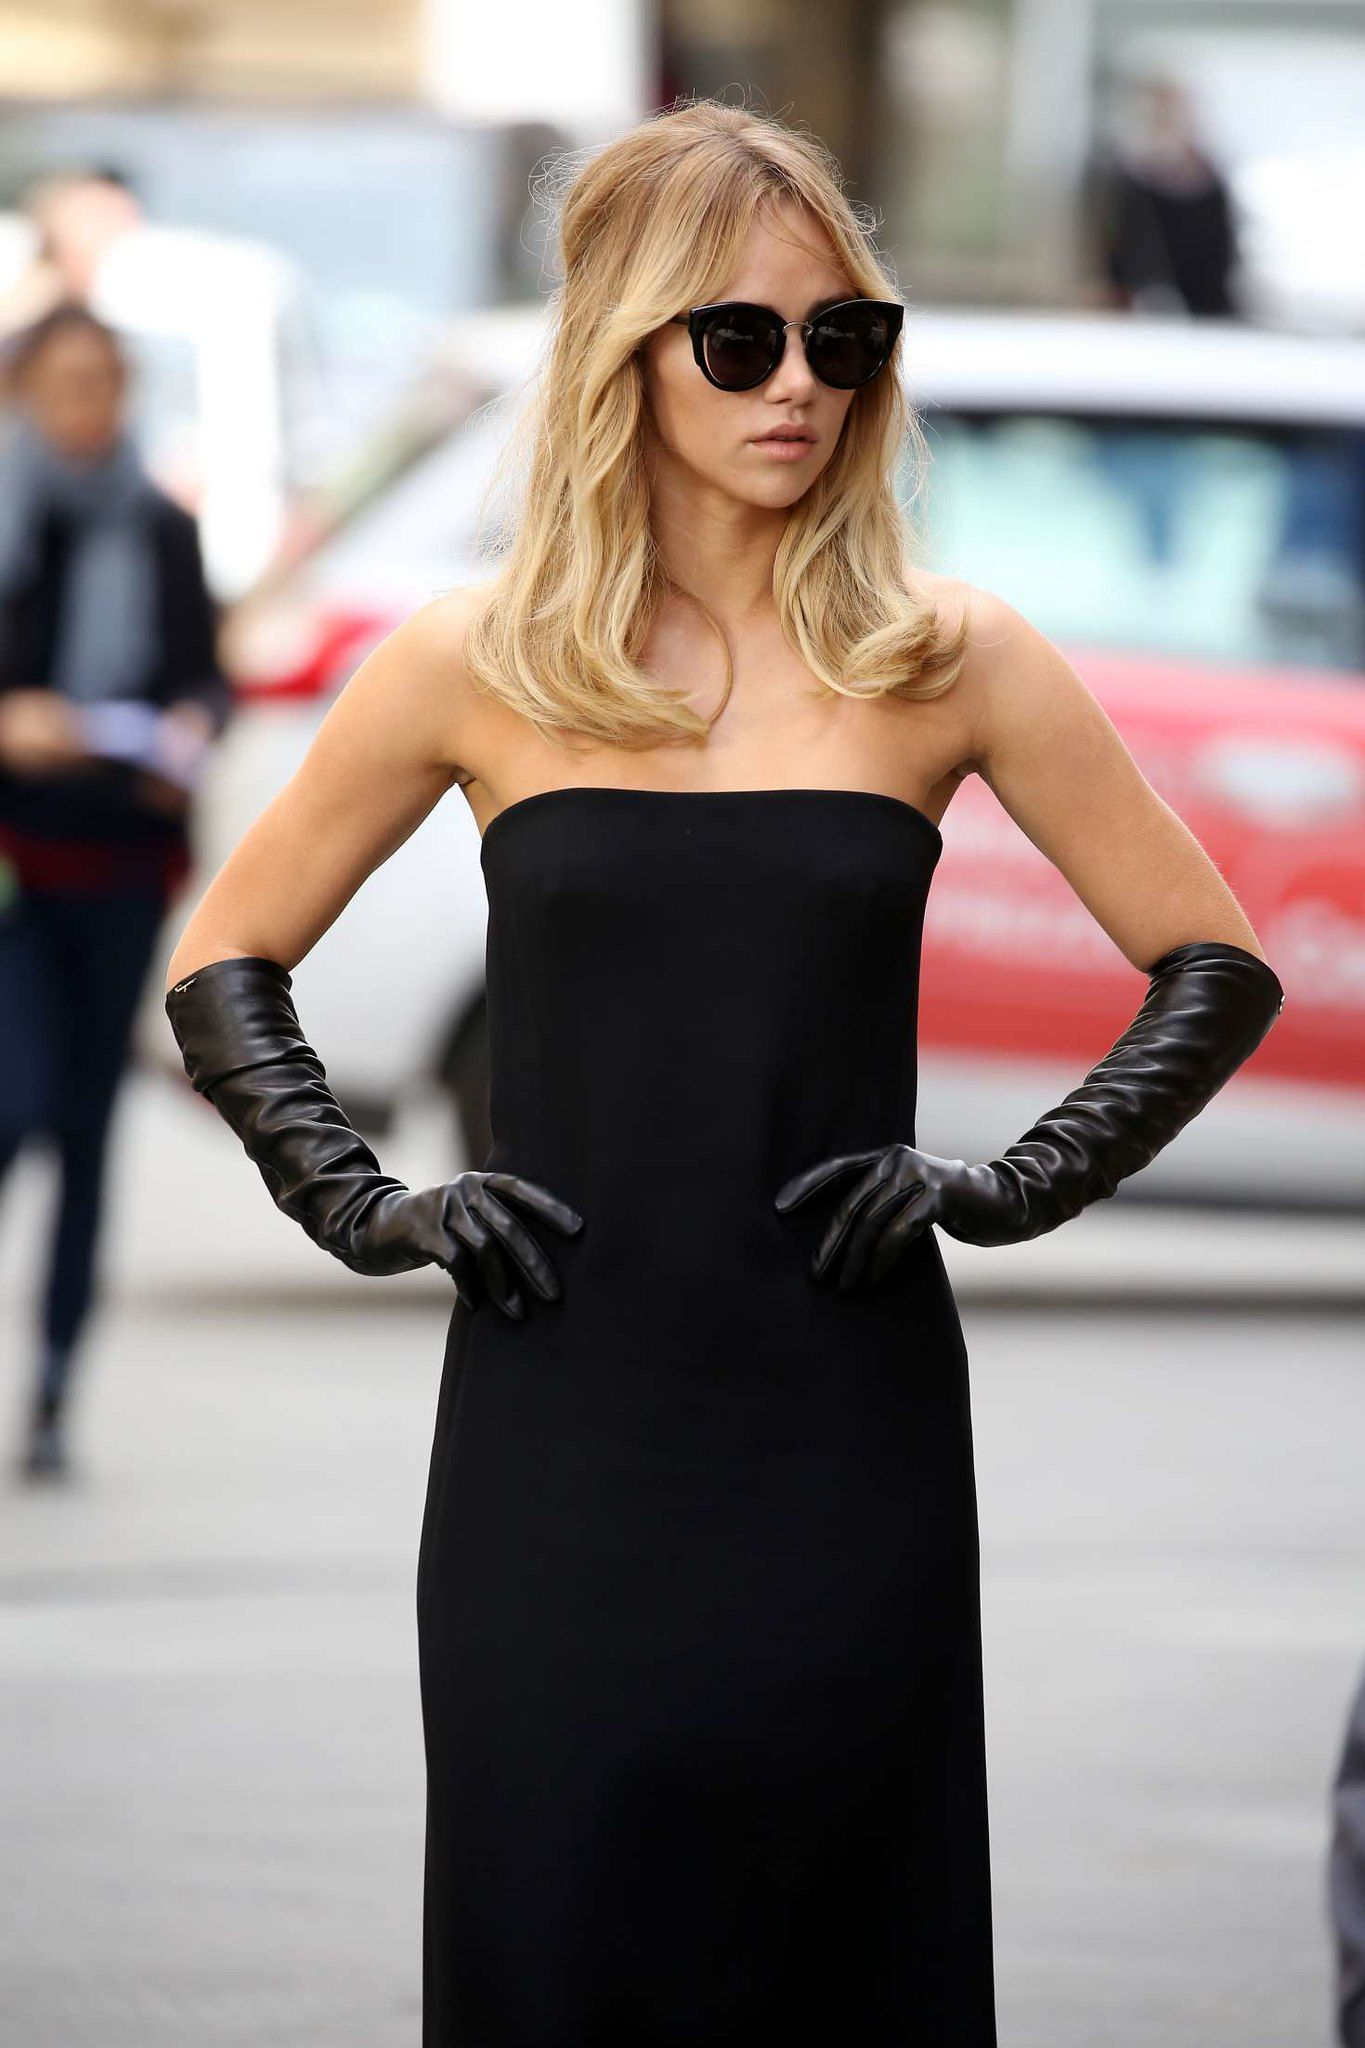 Pin On Gloves [ 2048 x 1365 Pixel ]